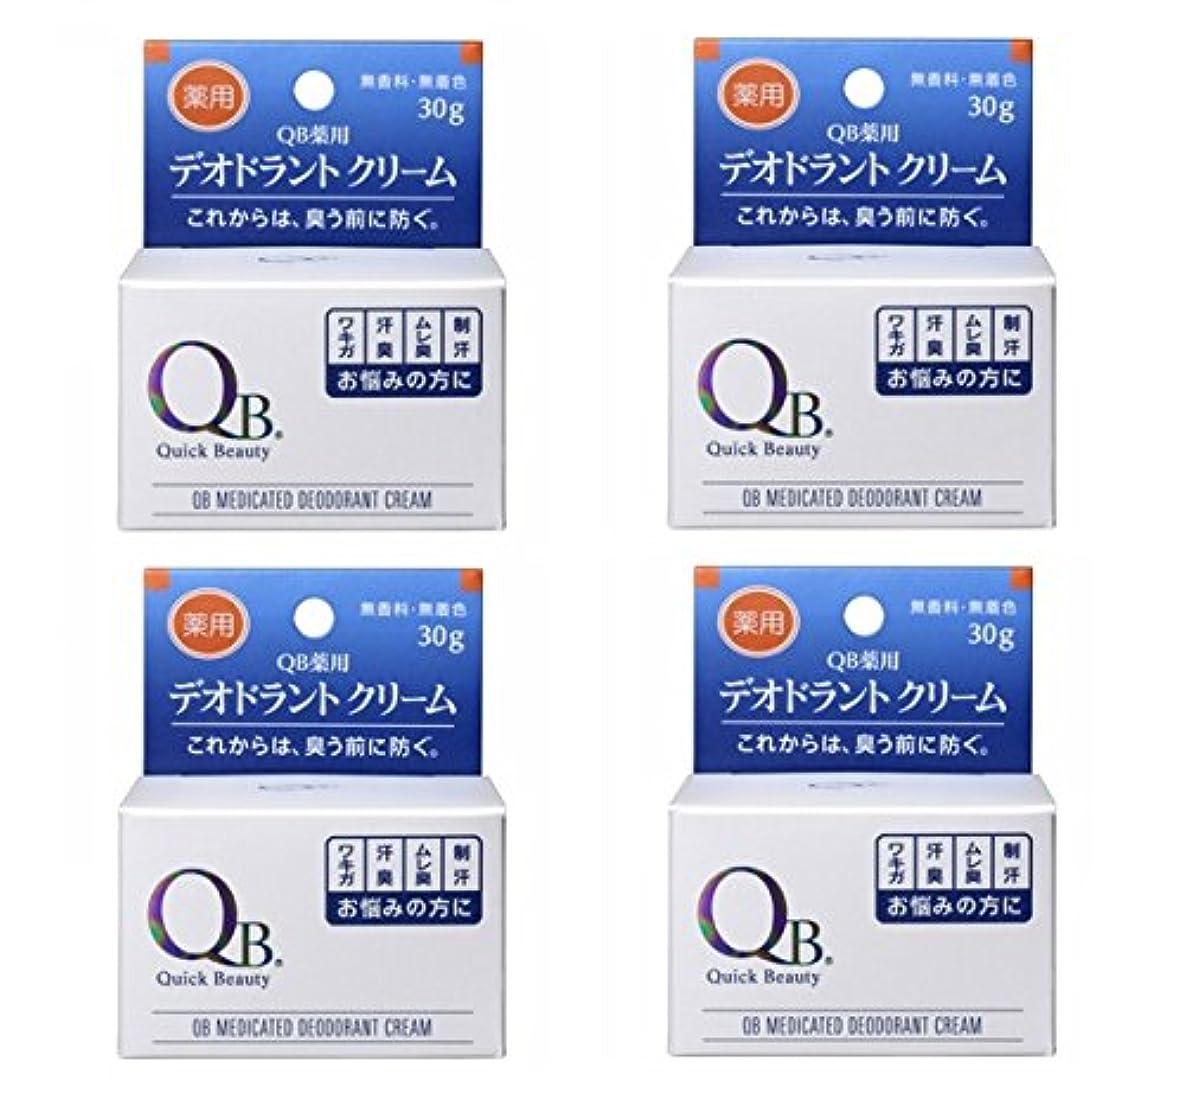 謝罪する検体なくなる【×4個】 QB 薬用デオドラントクリーム 30g 【国内正規品】